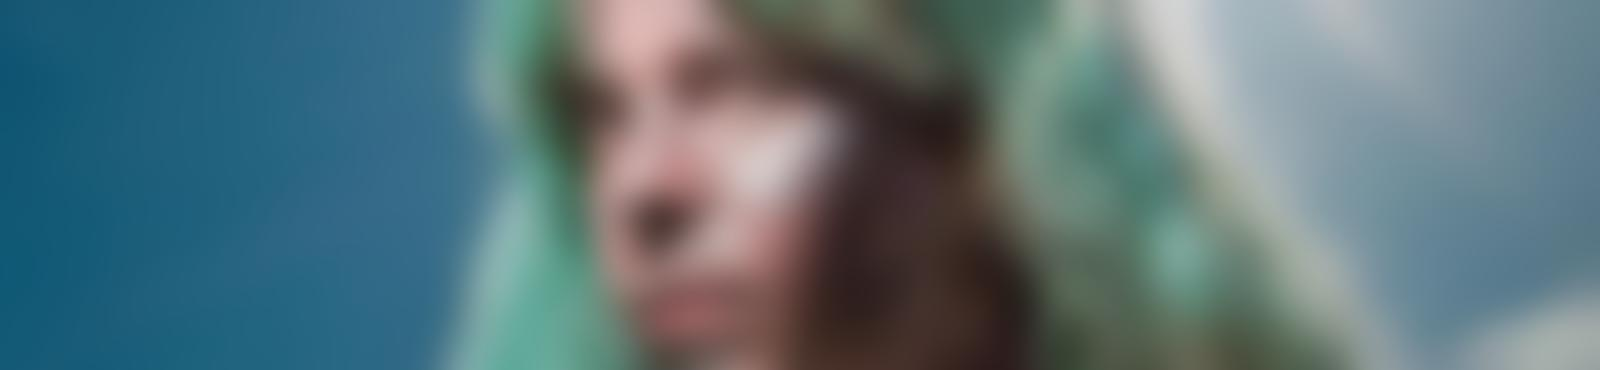 Blurred db308c18 464d 4ba5 9de9 3ea405c04b85